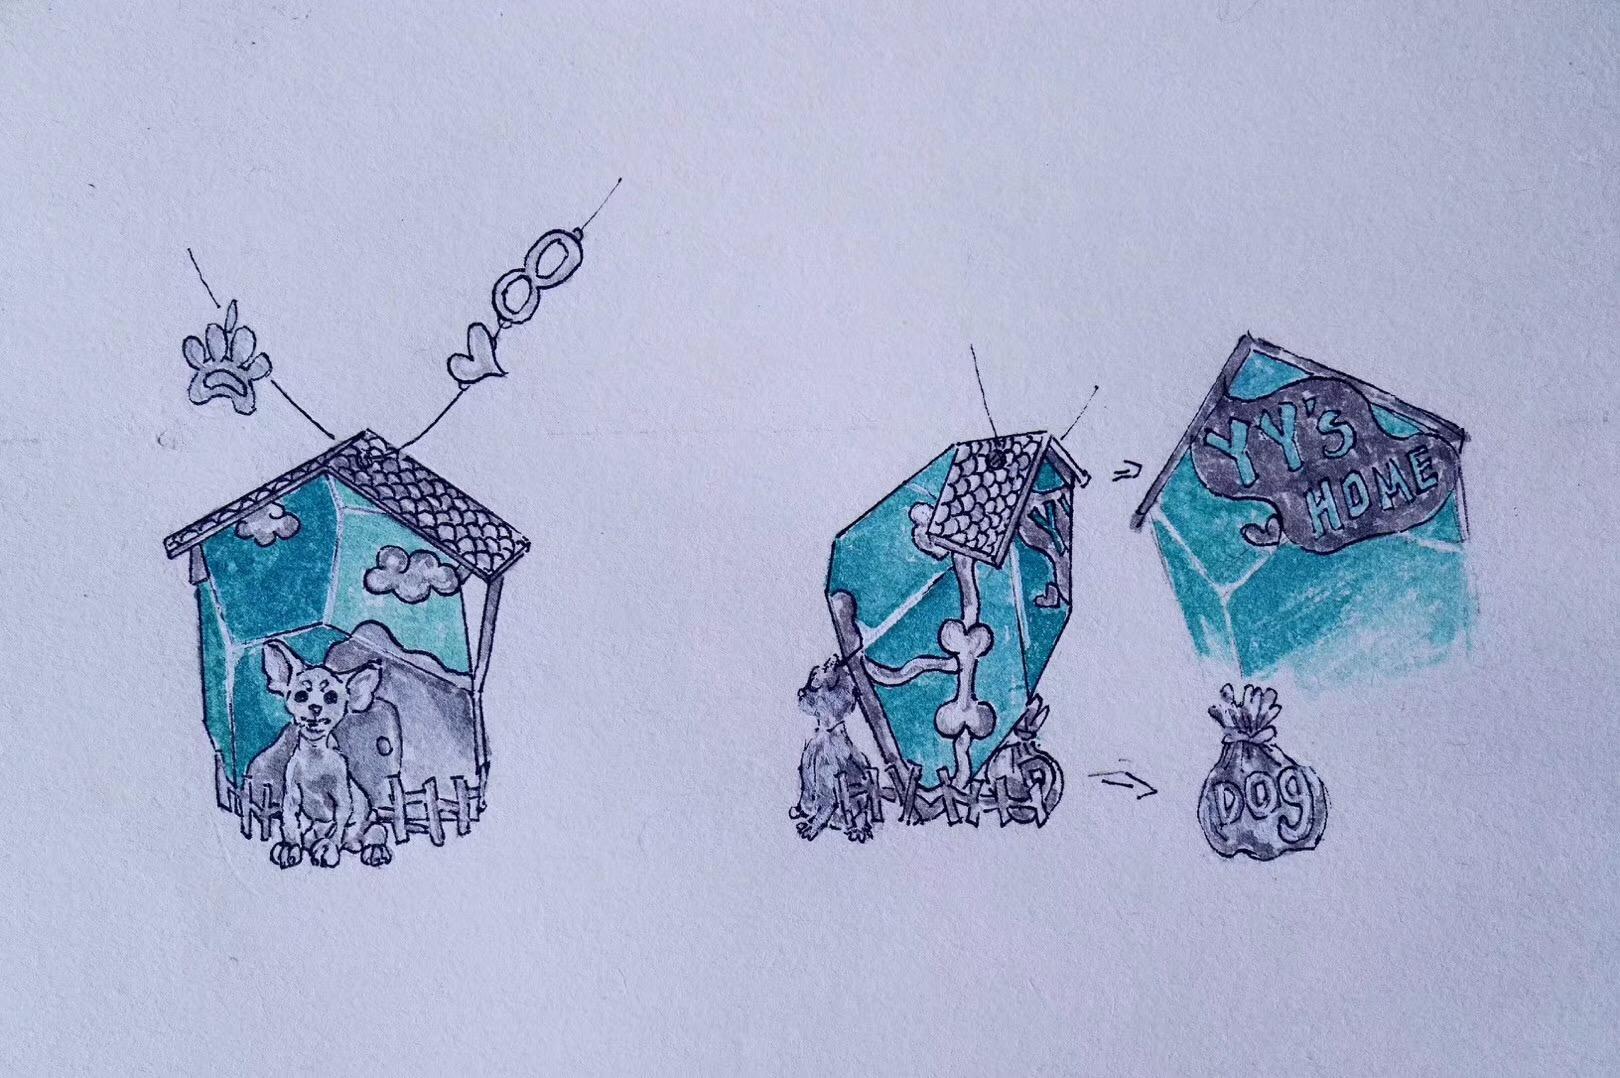 【菩心-胎毛守护石-客订】来自南非的萤石,是一种守护能力很强的水晶-菩心晶舍